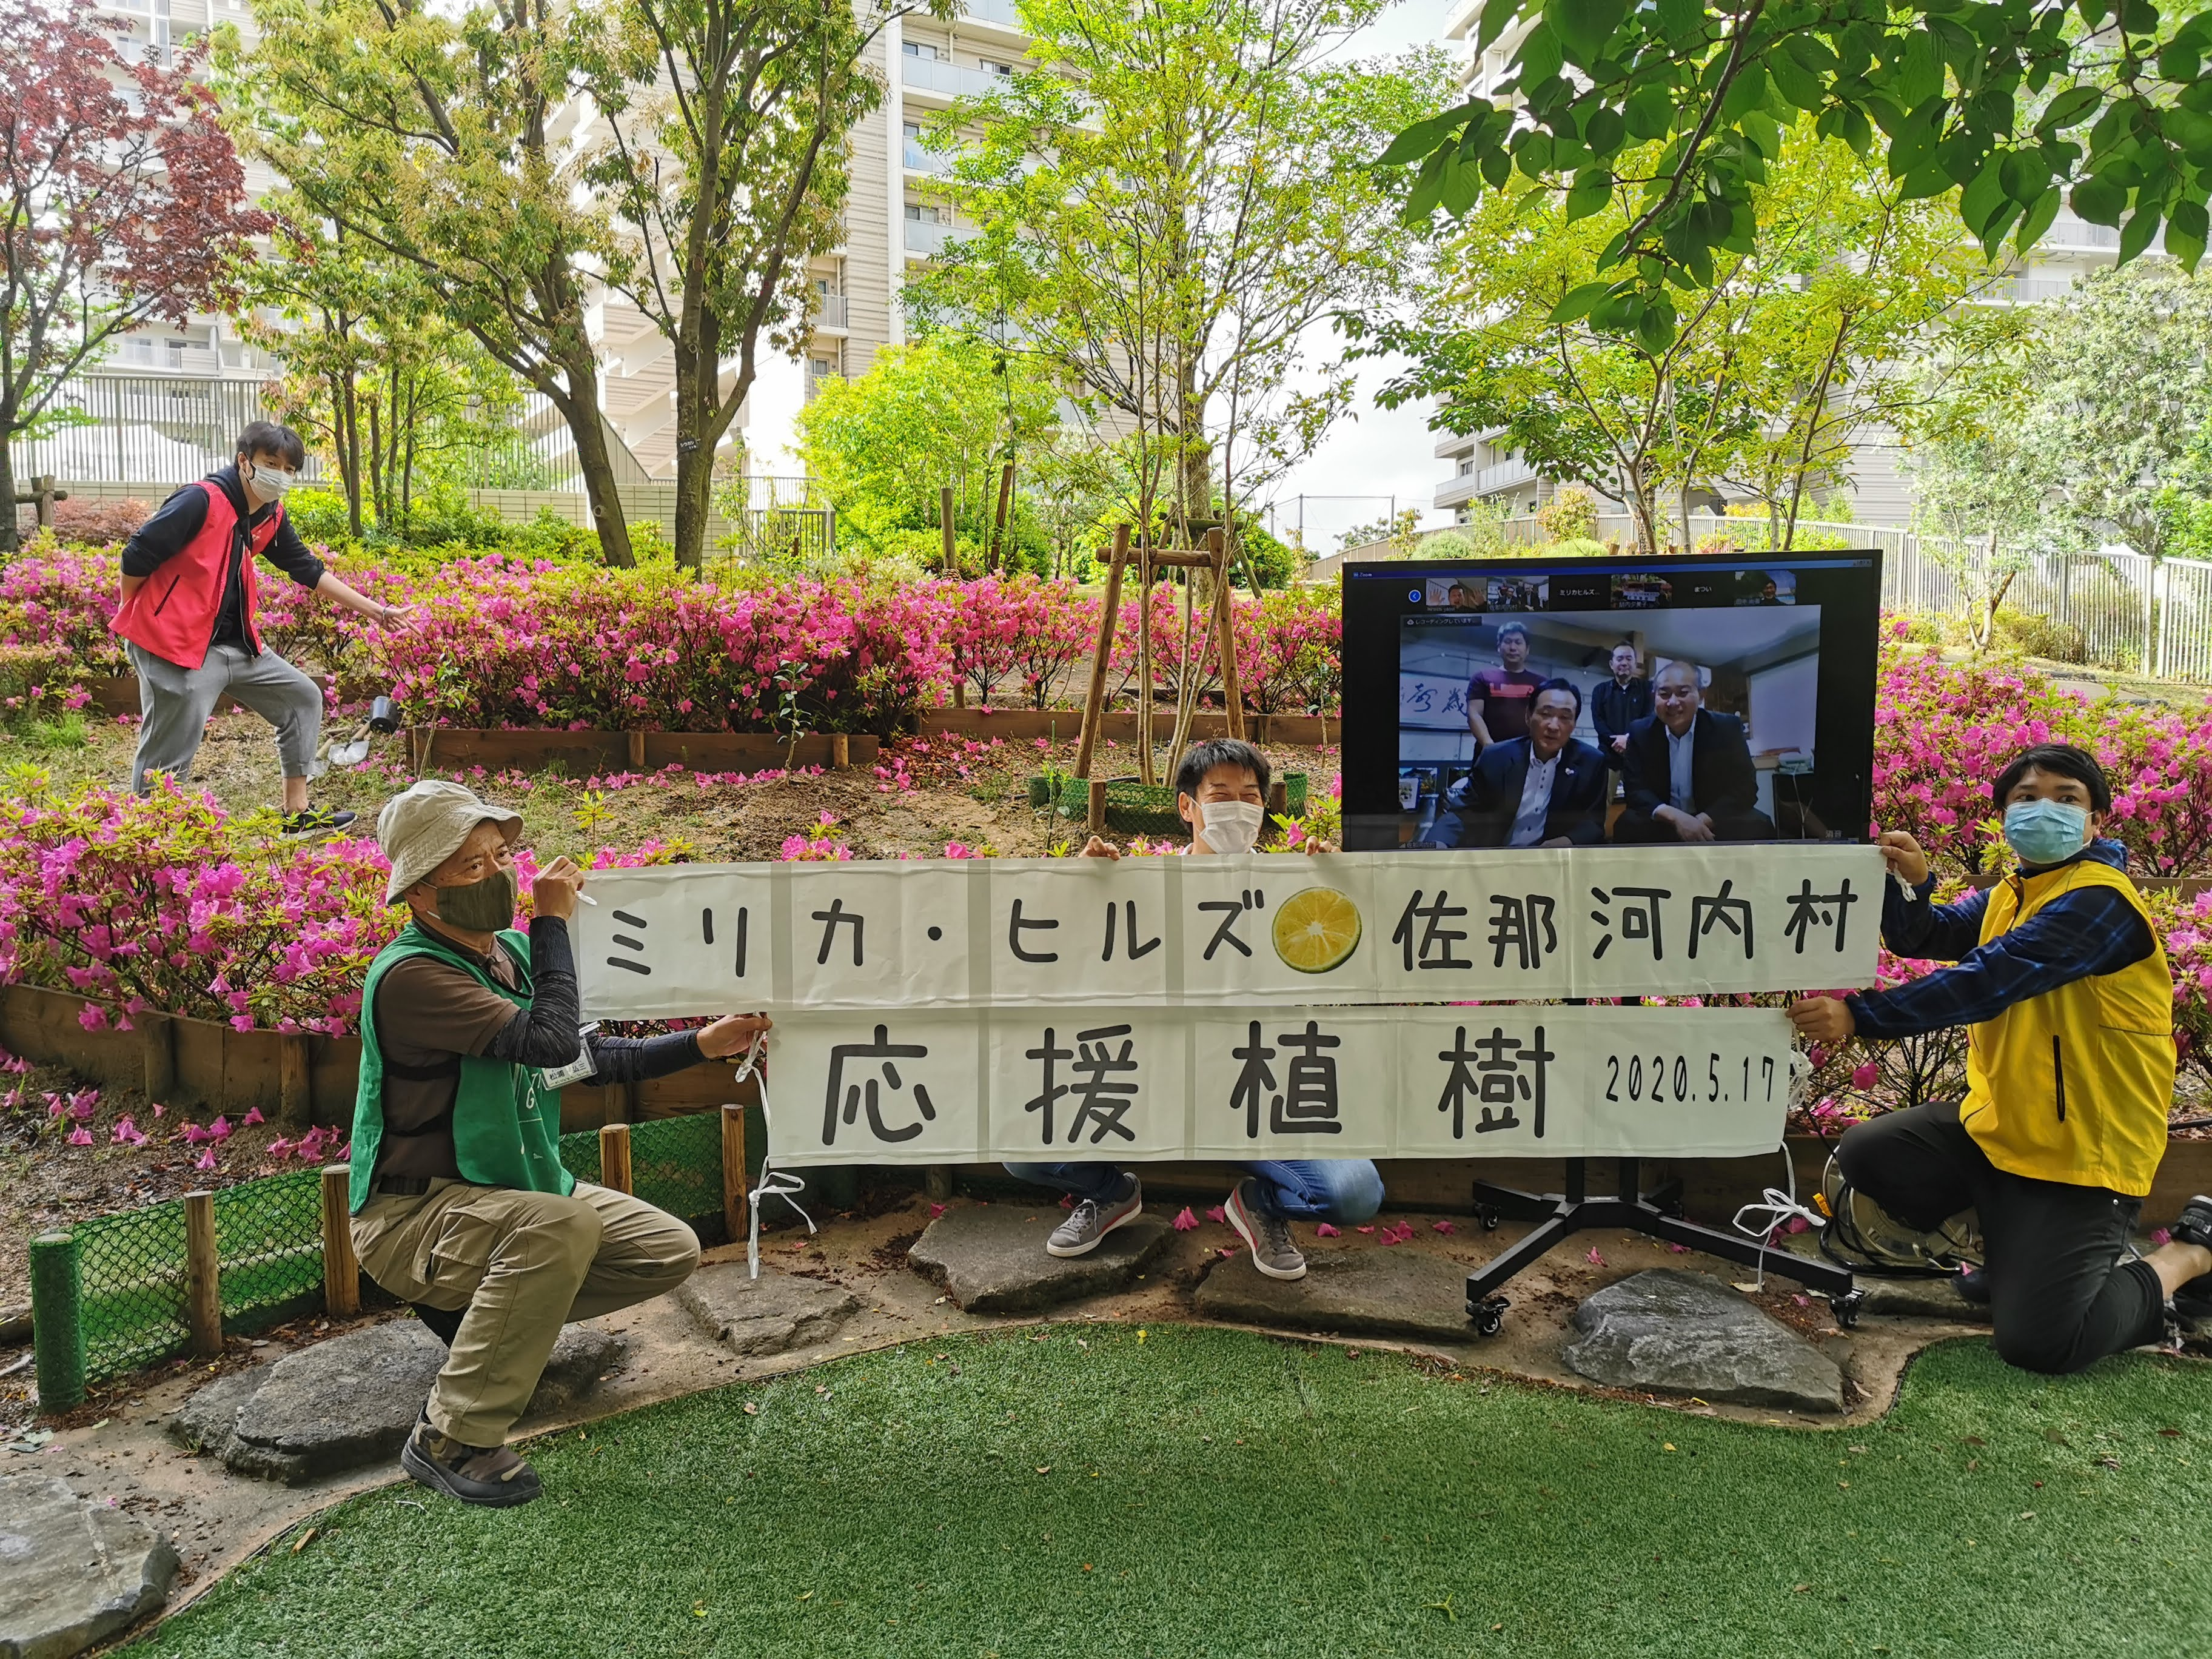 ミリカ・ヒルズ団地管理組合法人と徳島県佐那河内村との「コミュニティ応援樹木贈呈記念式典」を開催